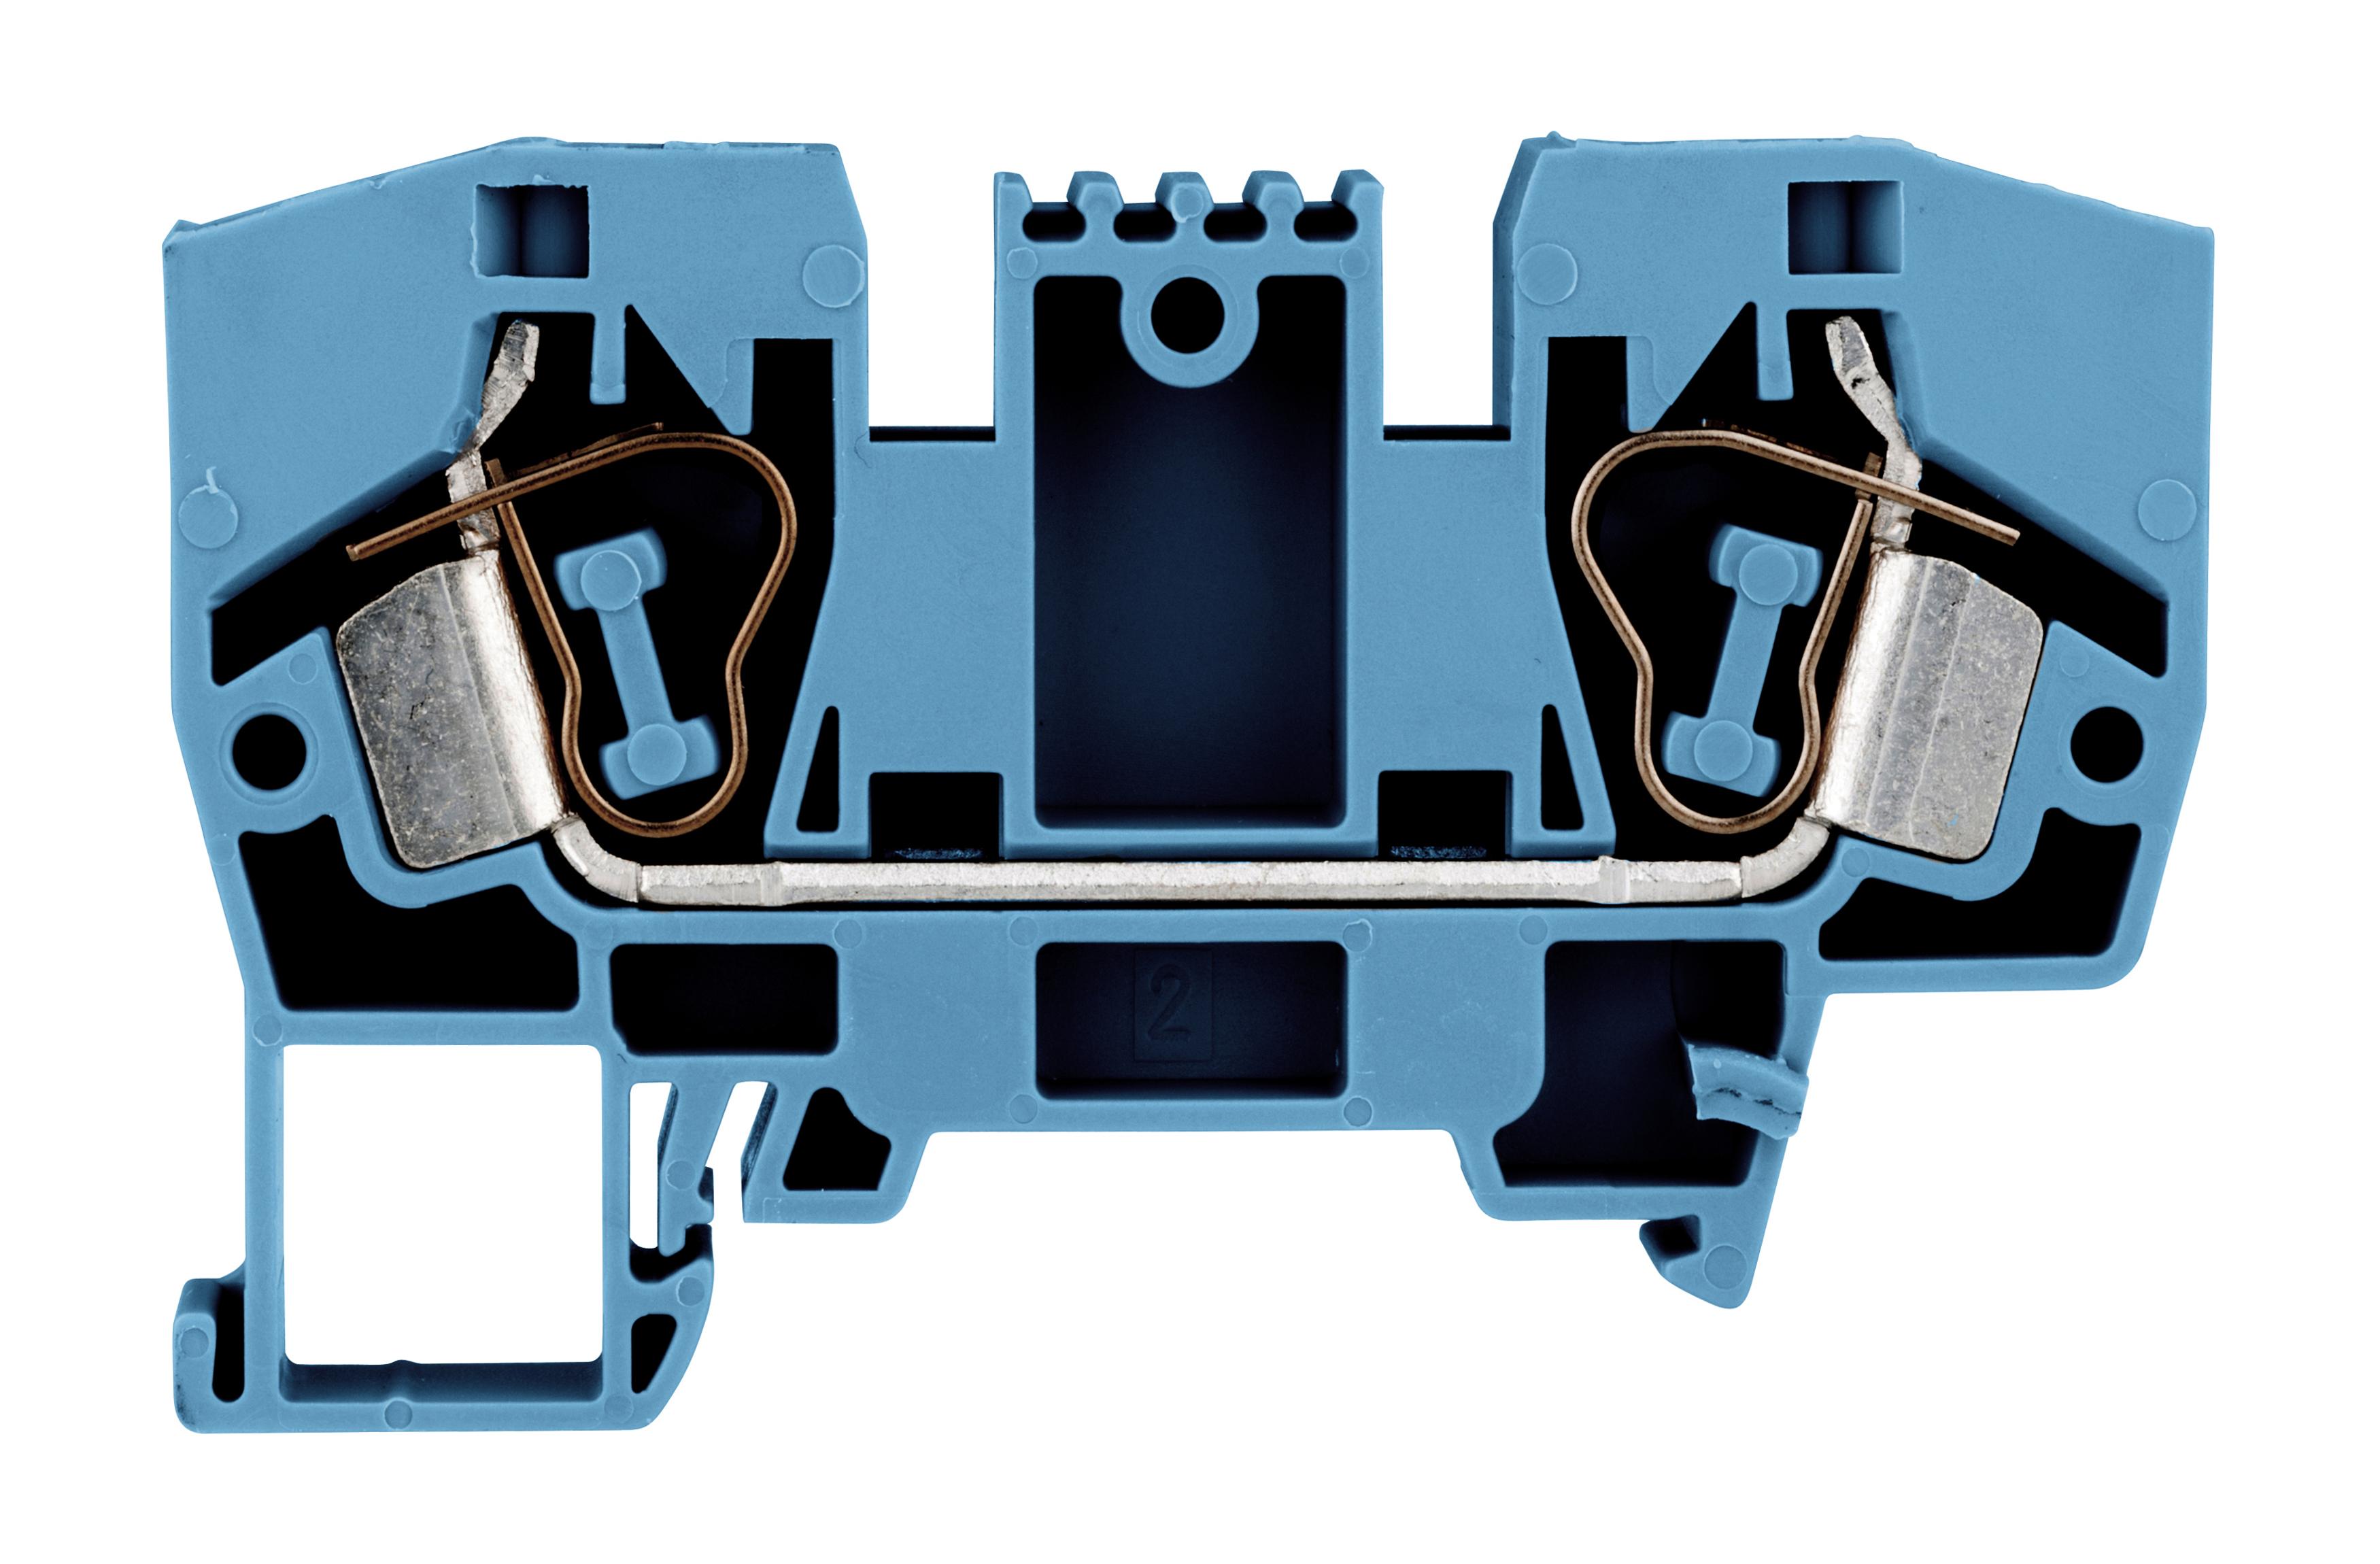 1 Stk Federkraftklemme 10mm², Type YBK 10mm², blau IK611010--